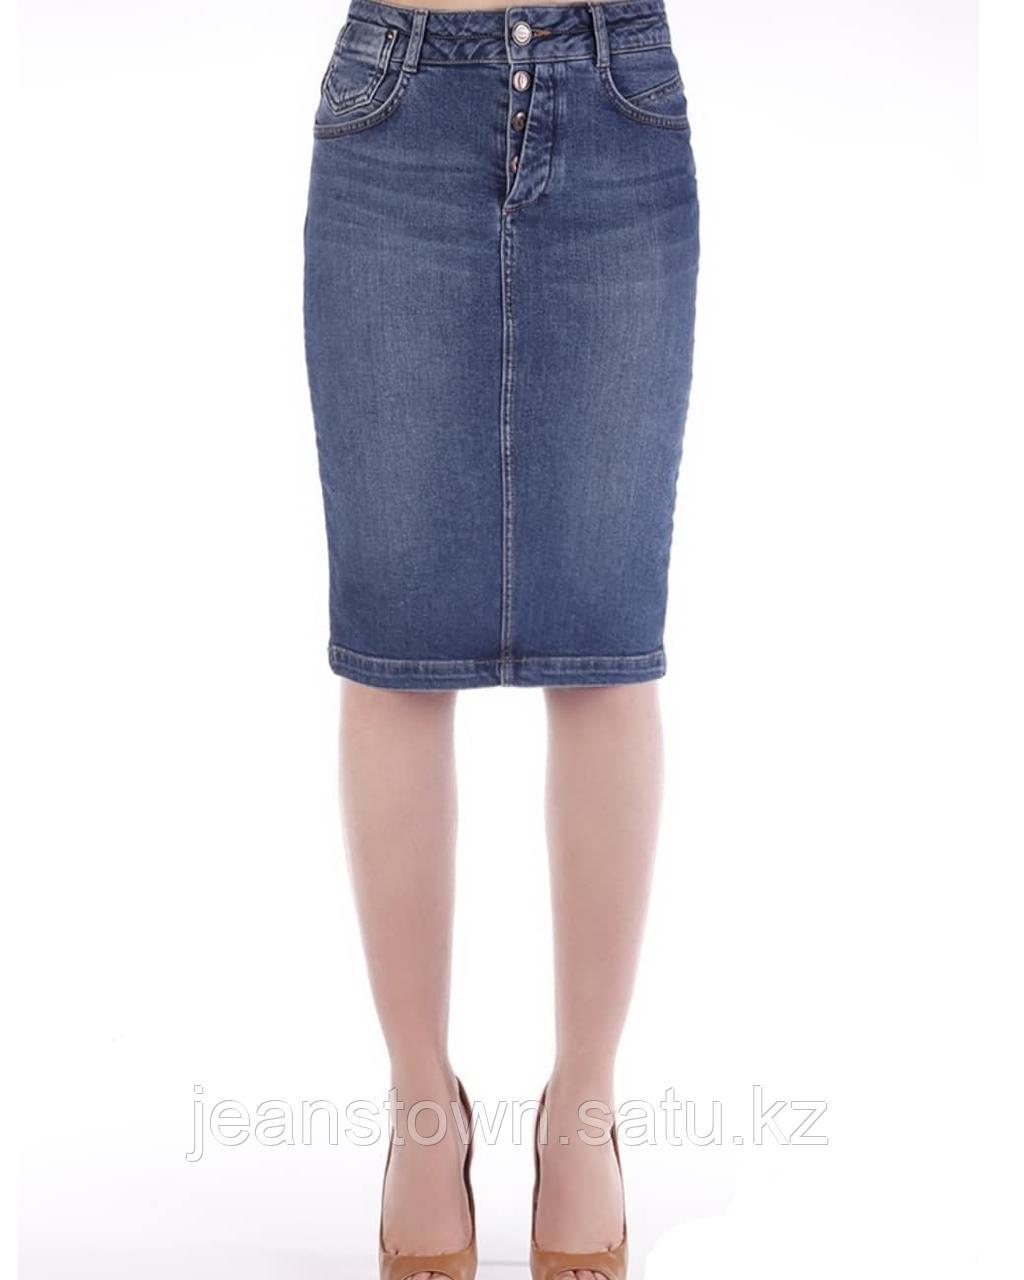 Джинсовая юбка Pantamo синяя